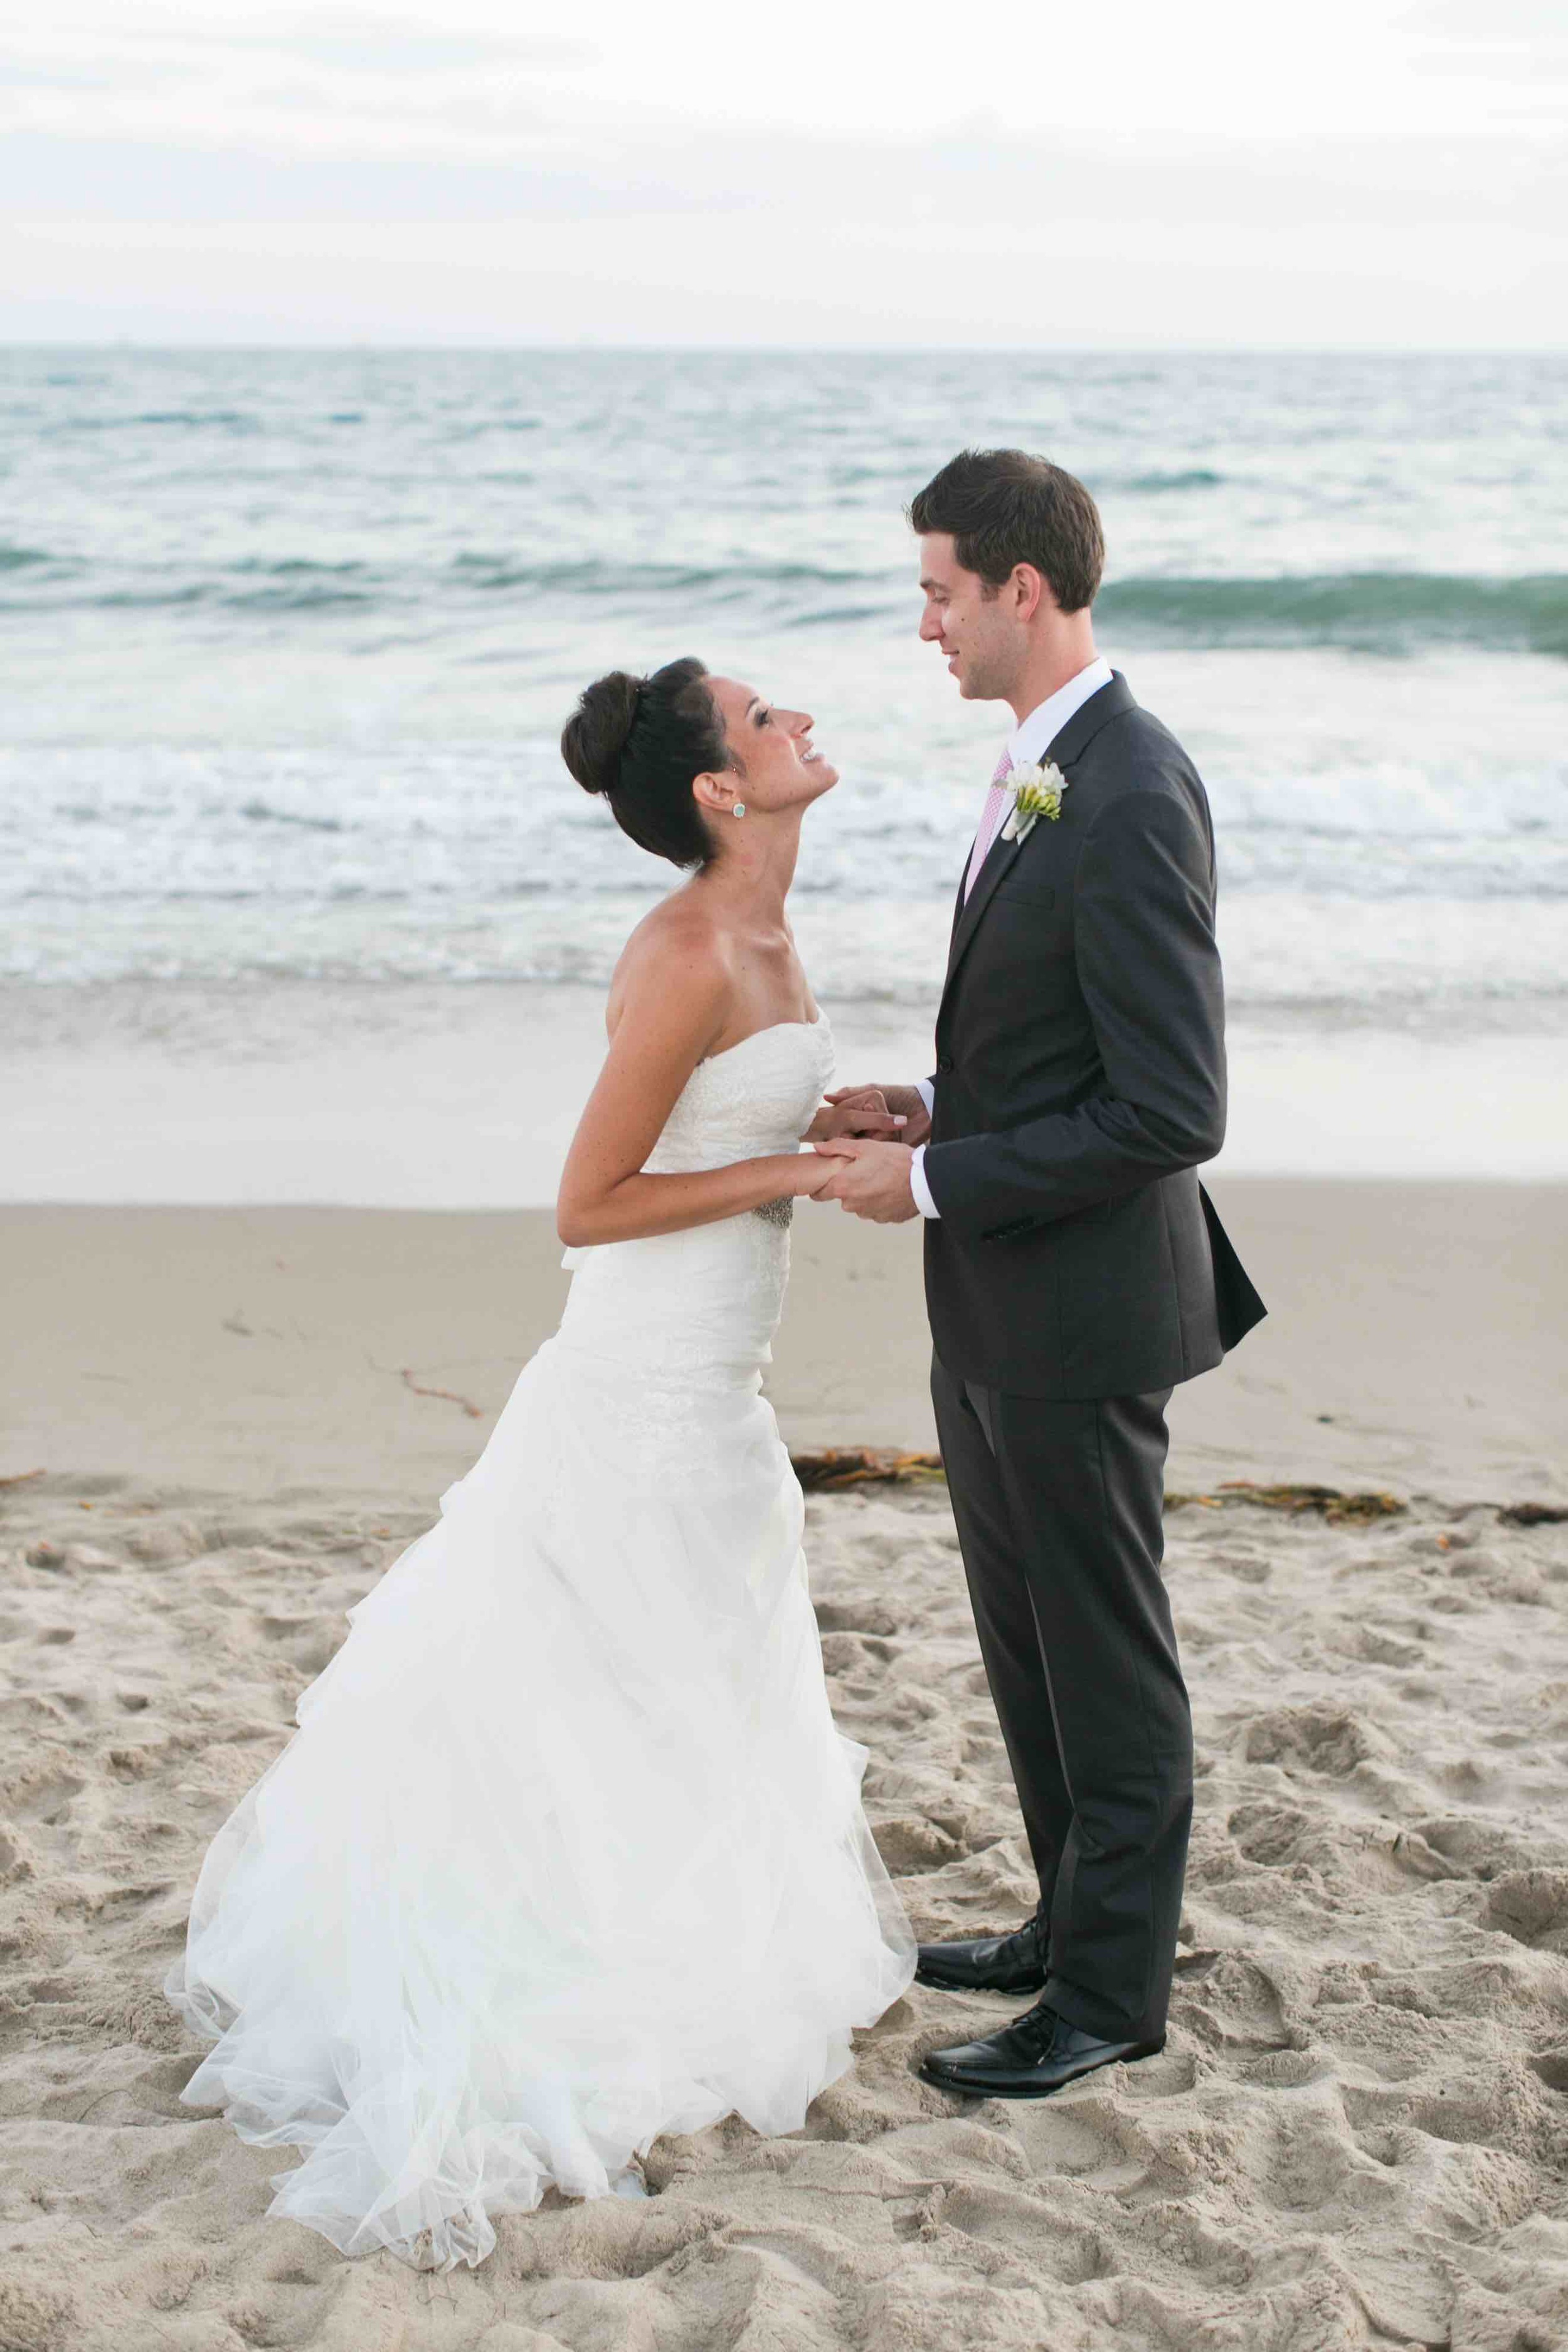 couple on beach 2.jpg